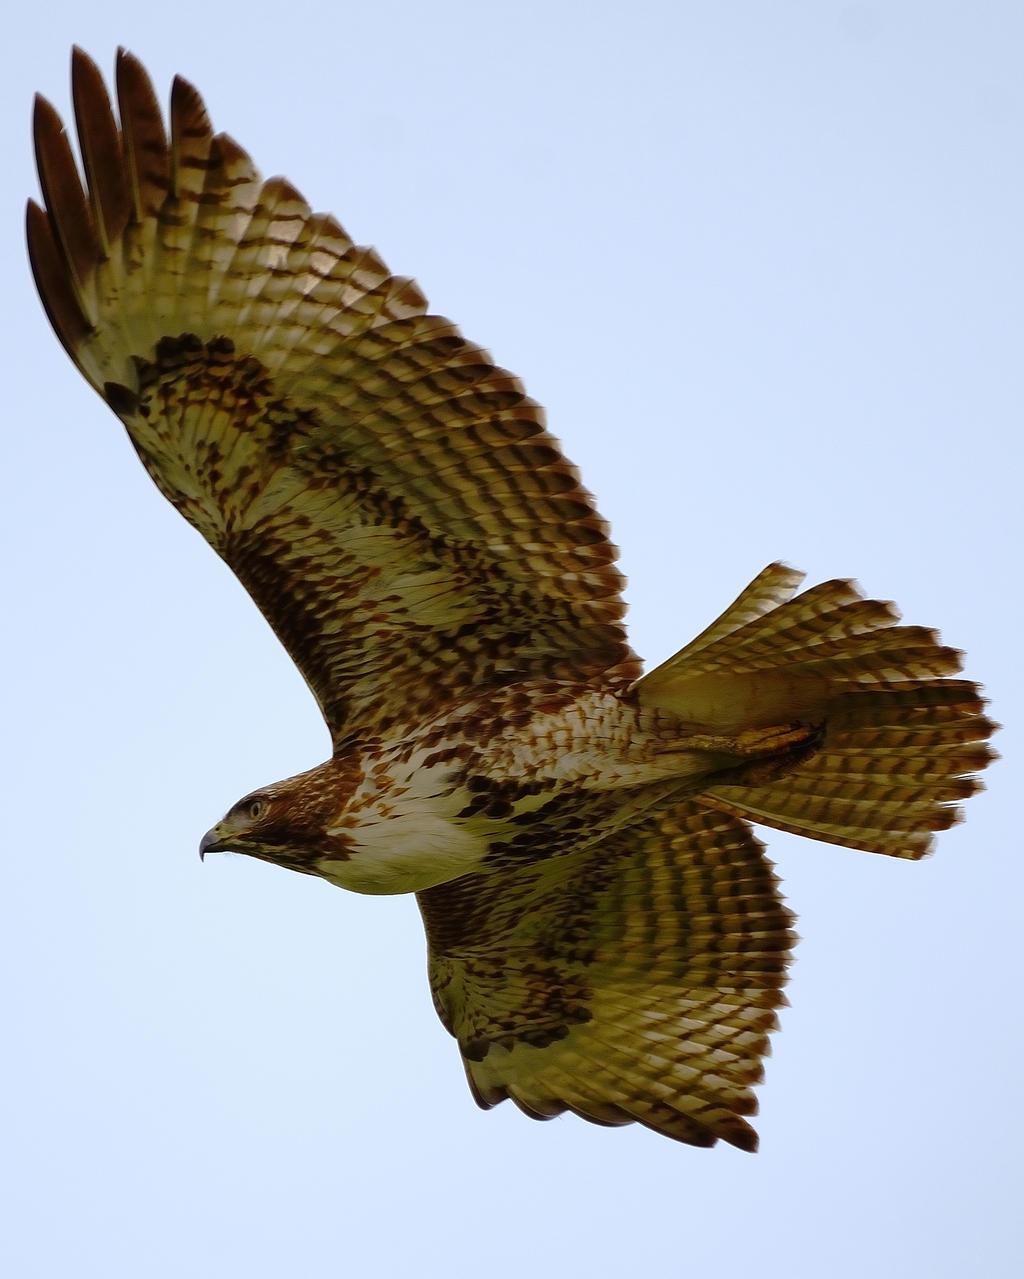 Red Tailed Hawk in Flight II by FeralWhippet